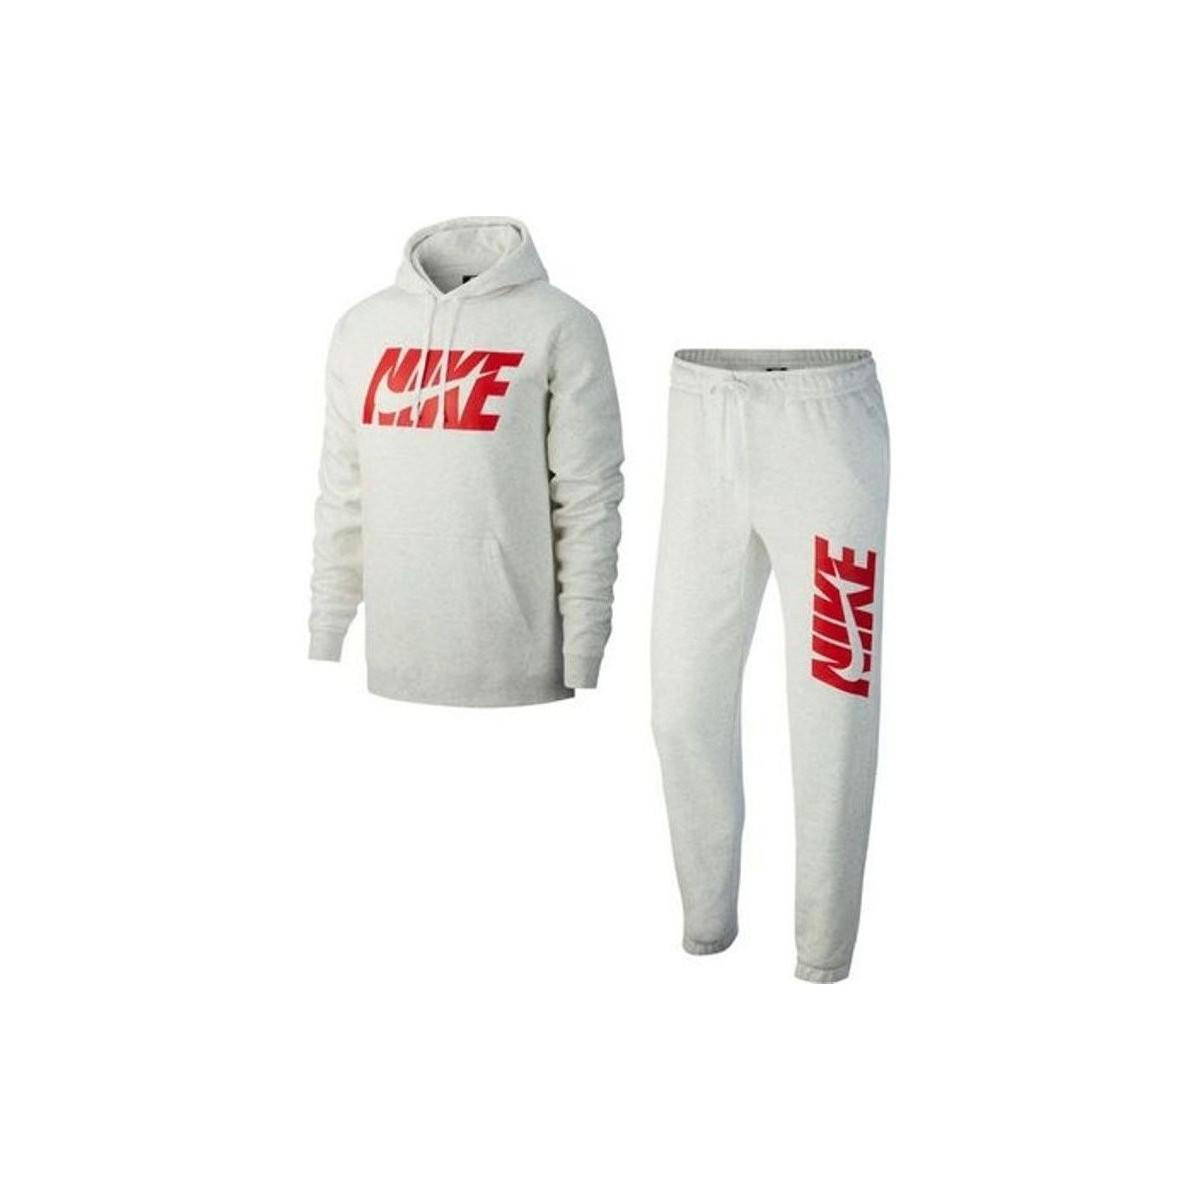 92b16142ff Ensemble de survêtement Track Suit - AR1341-051 hommes Ensembles de  survêtement en blanc Nike pour homme en coloris White